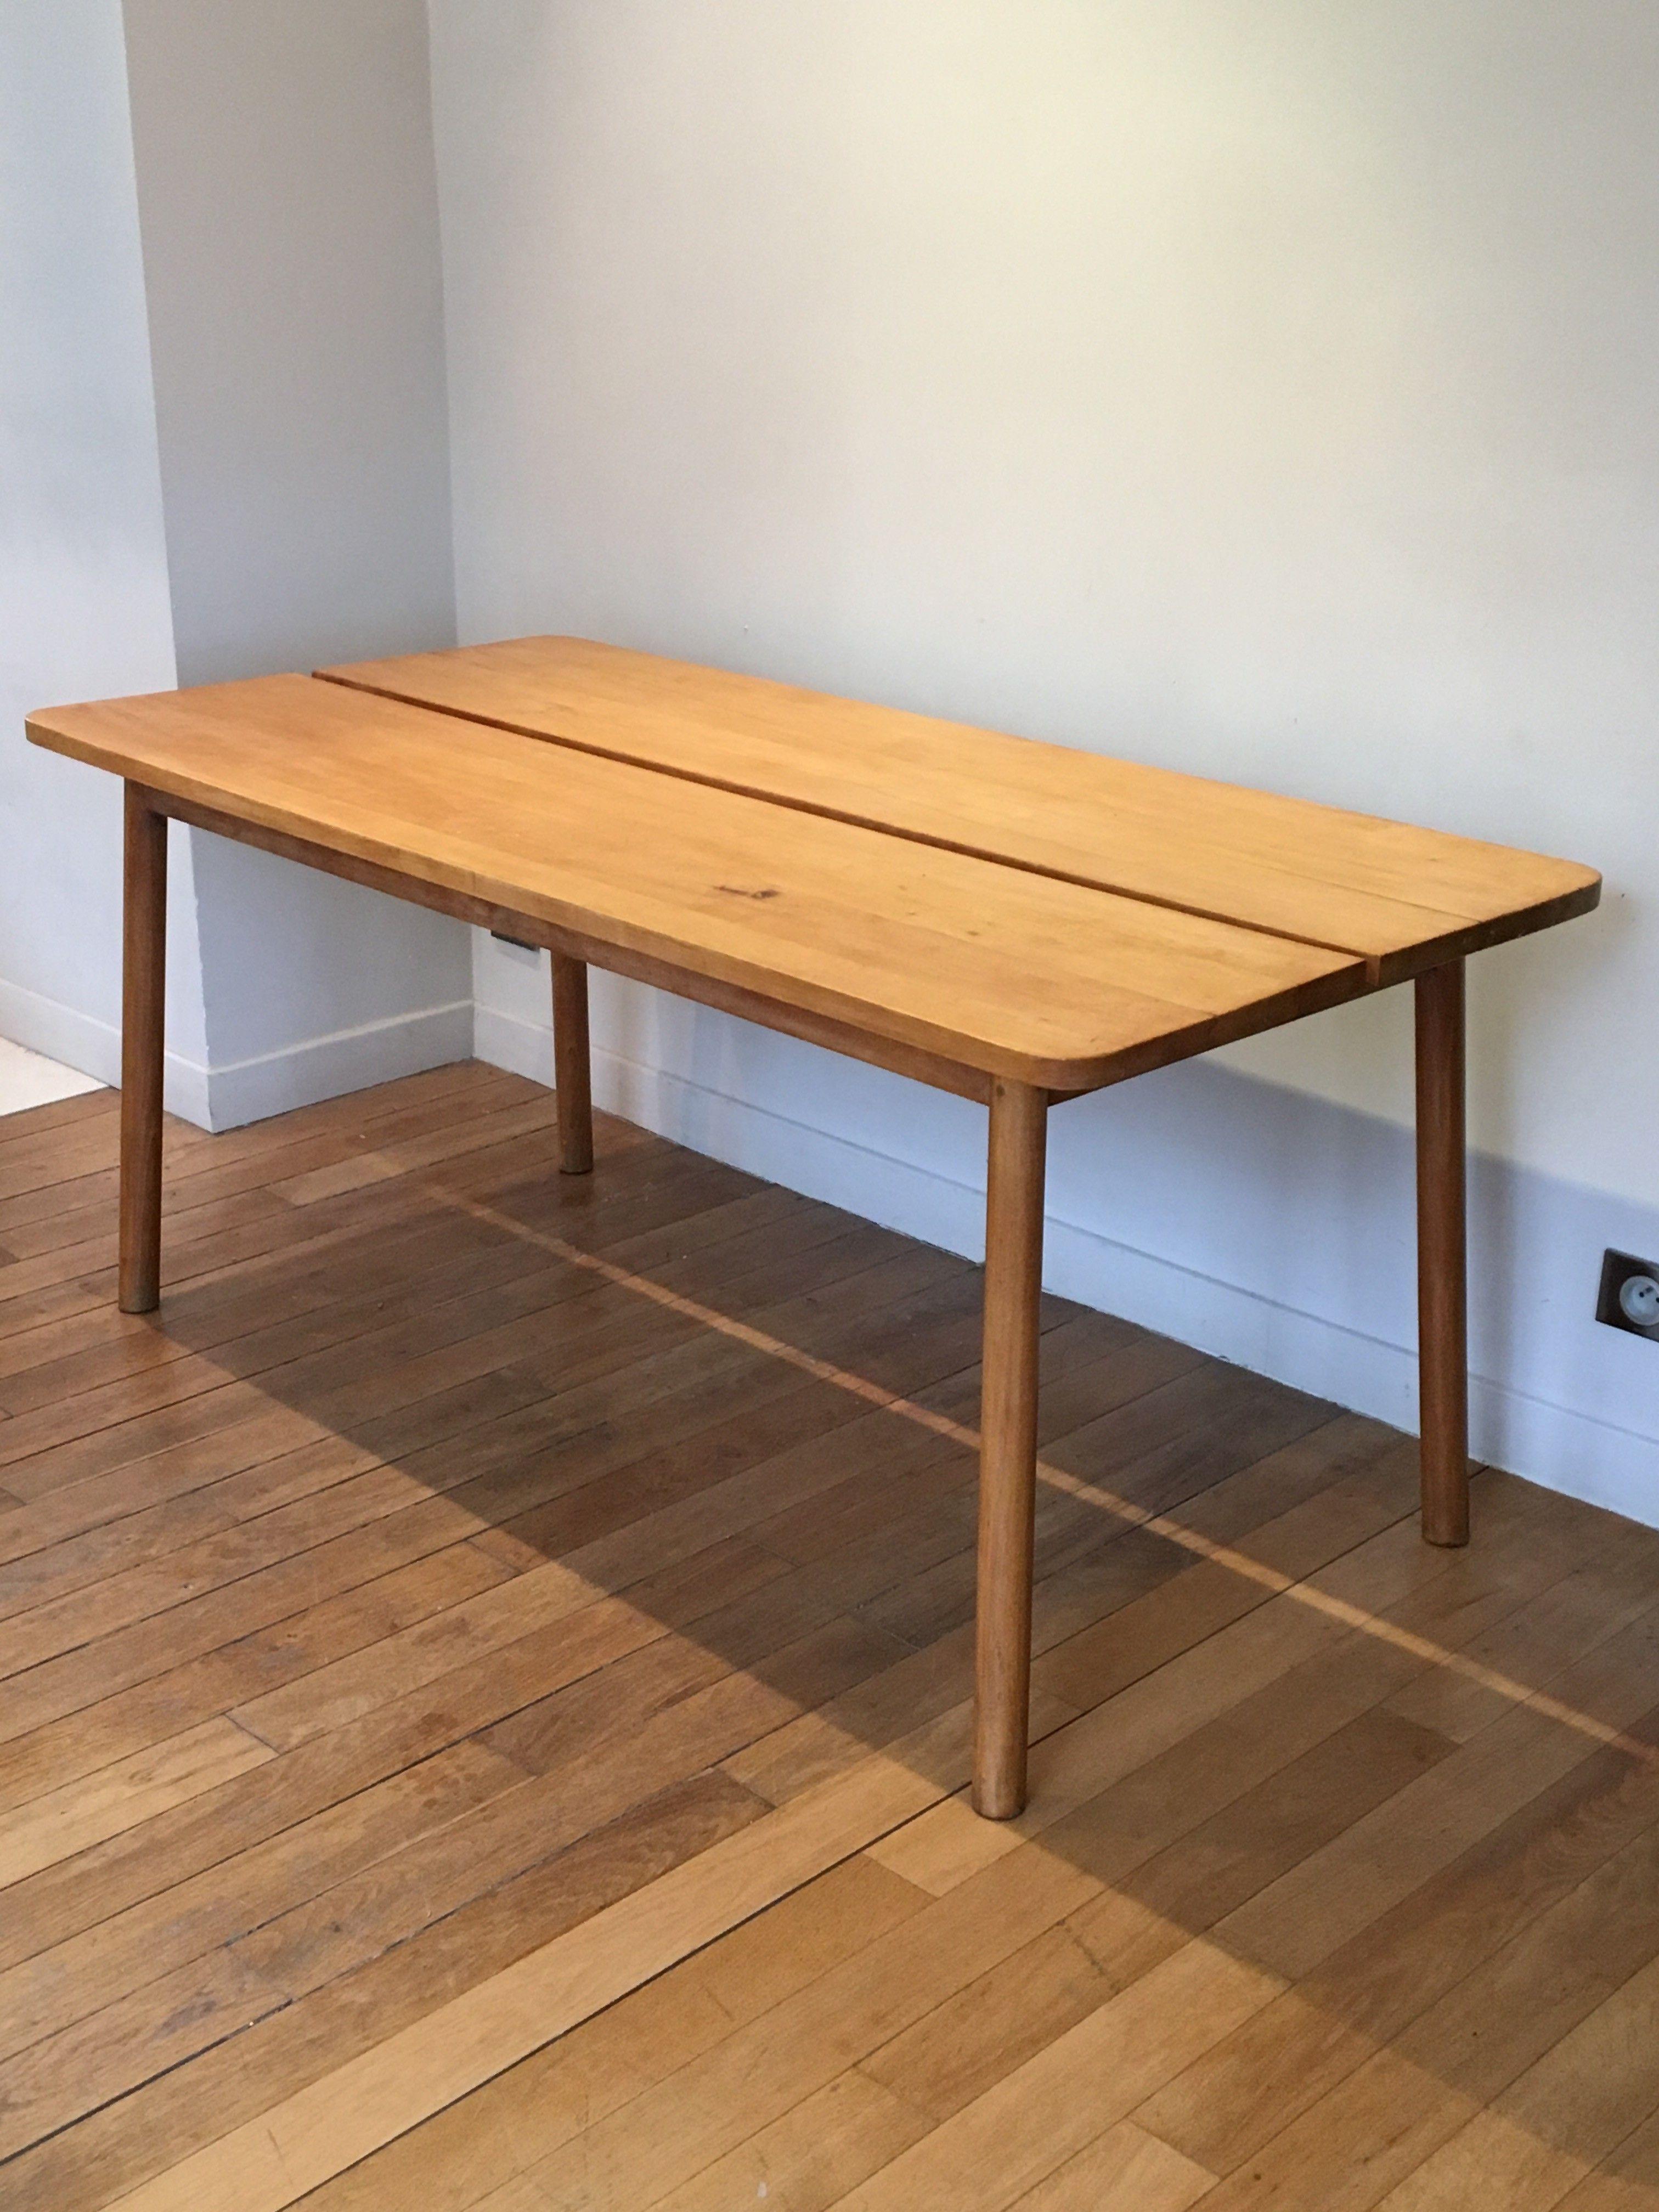 Table Vintage En Hetre Massif Par Pierre Gautier Delhaye 1950 Avec Images Table Vintage Mobilier De Salon Table